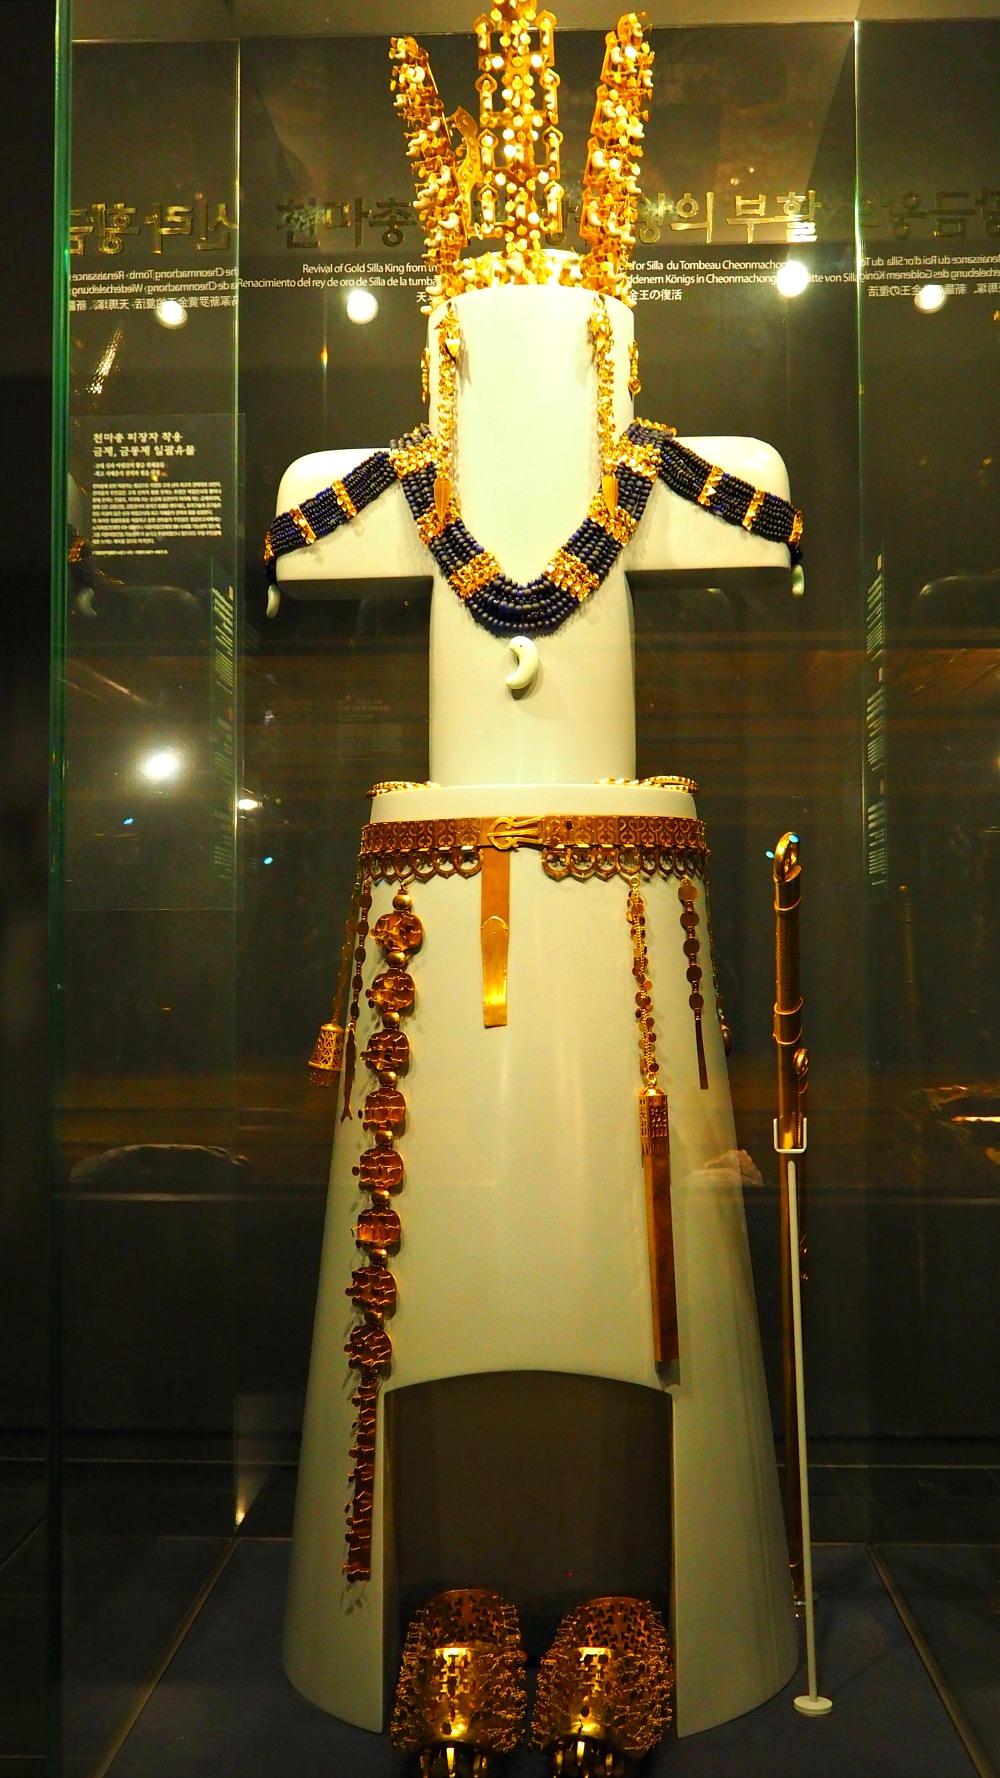 silla-kingdom-gold-crown-girdle